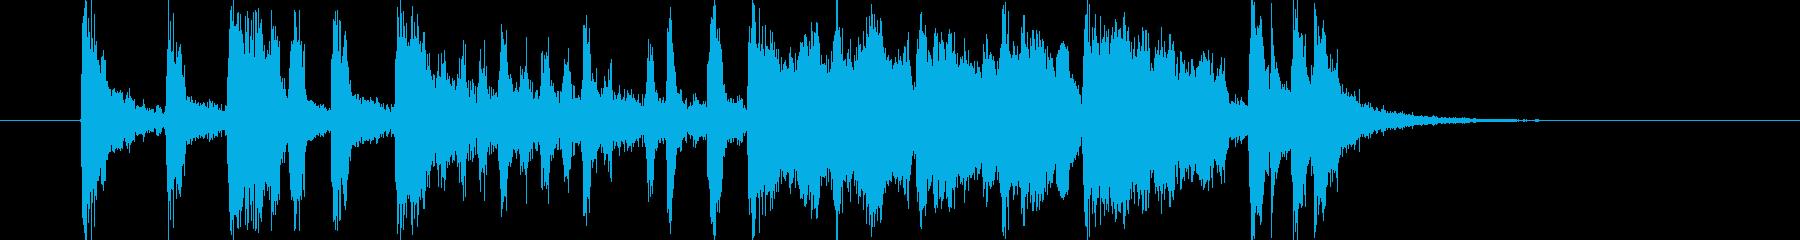 派手でファンキーな10秒ブラスジングルの再生済みの波形